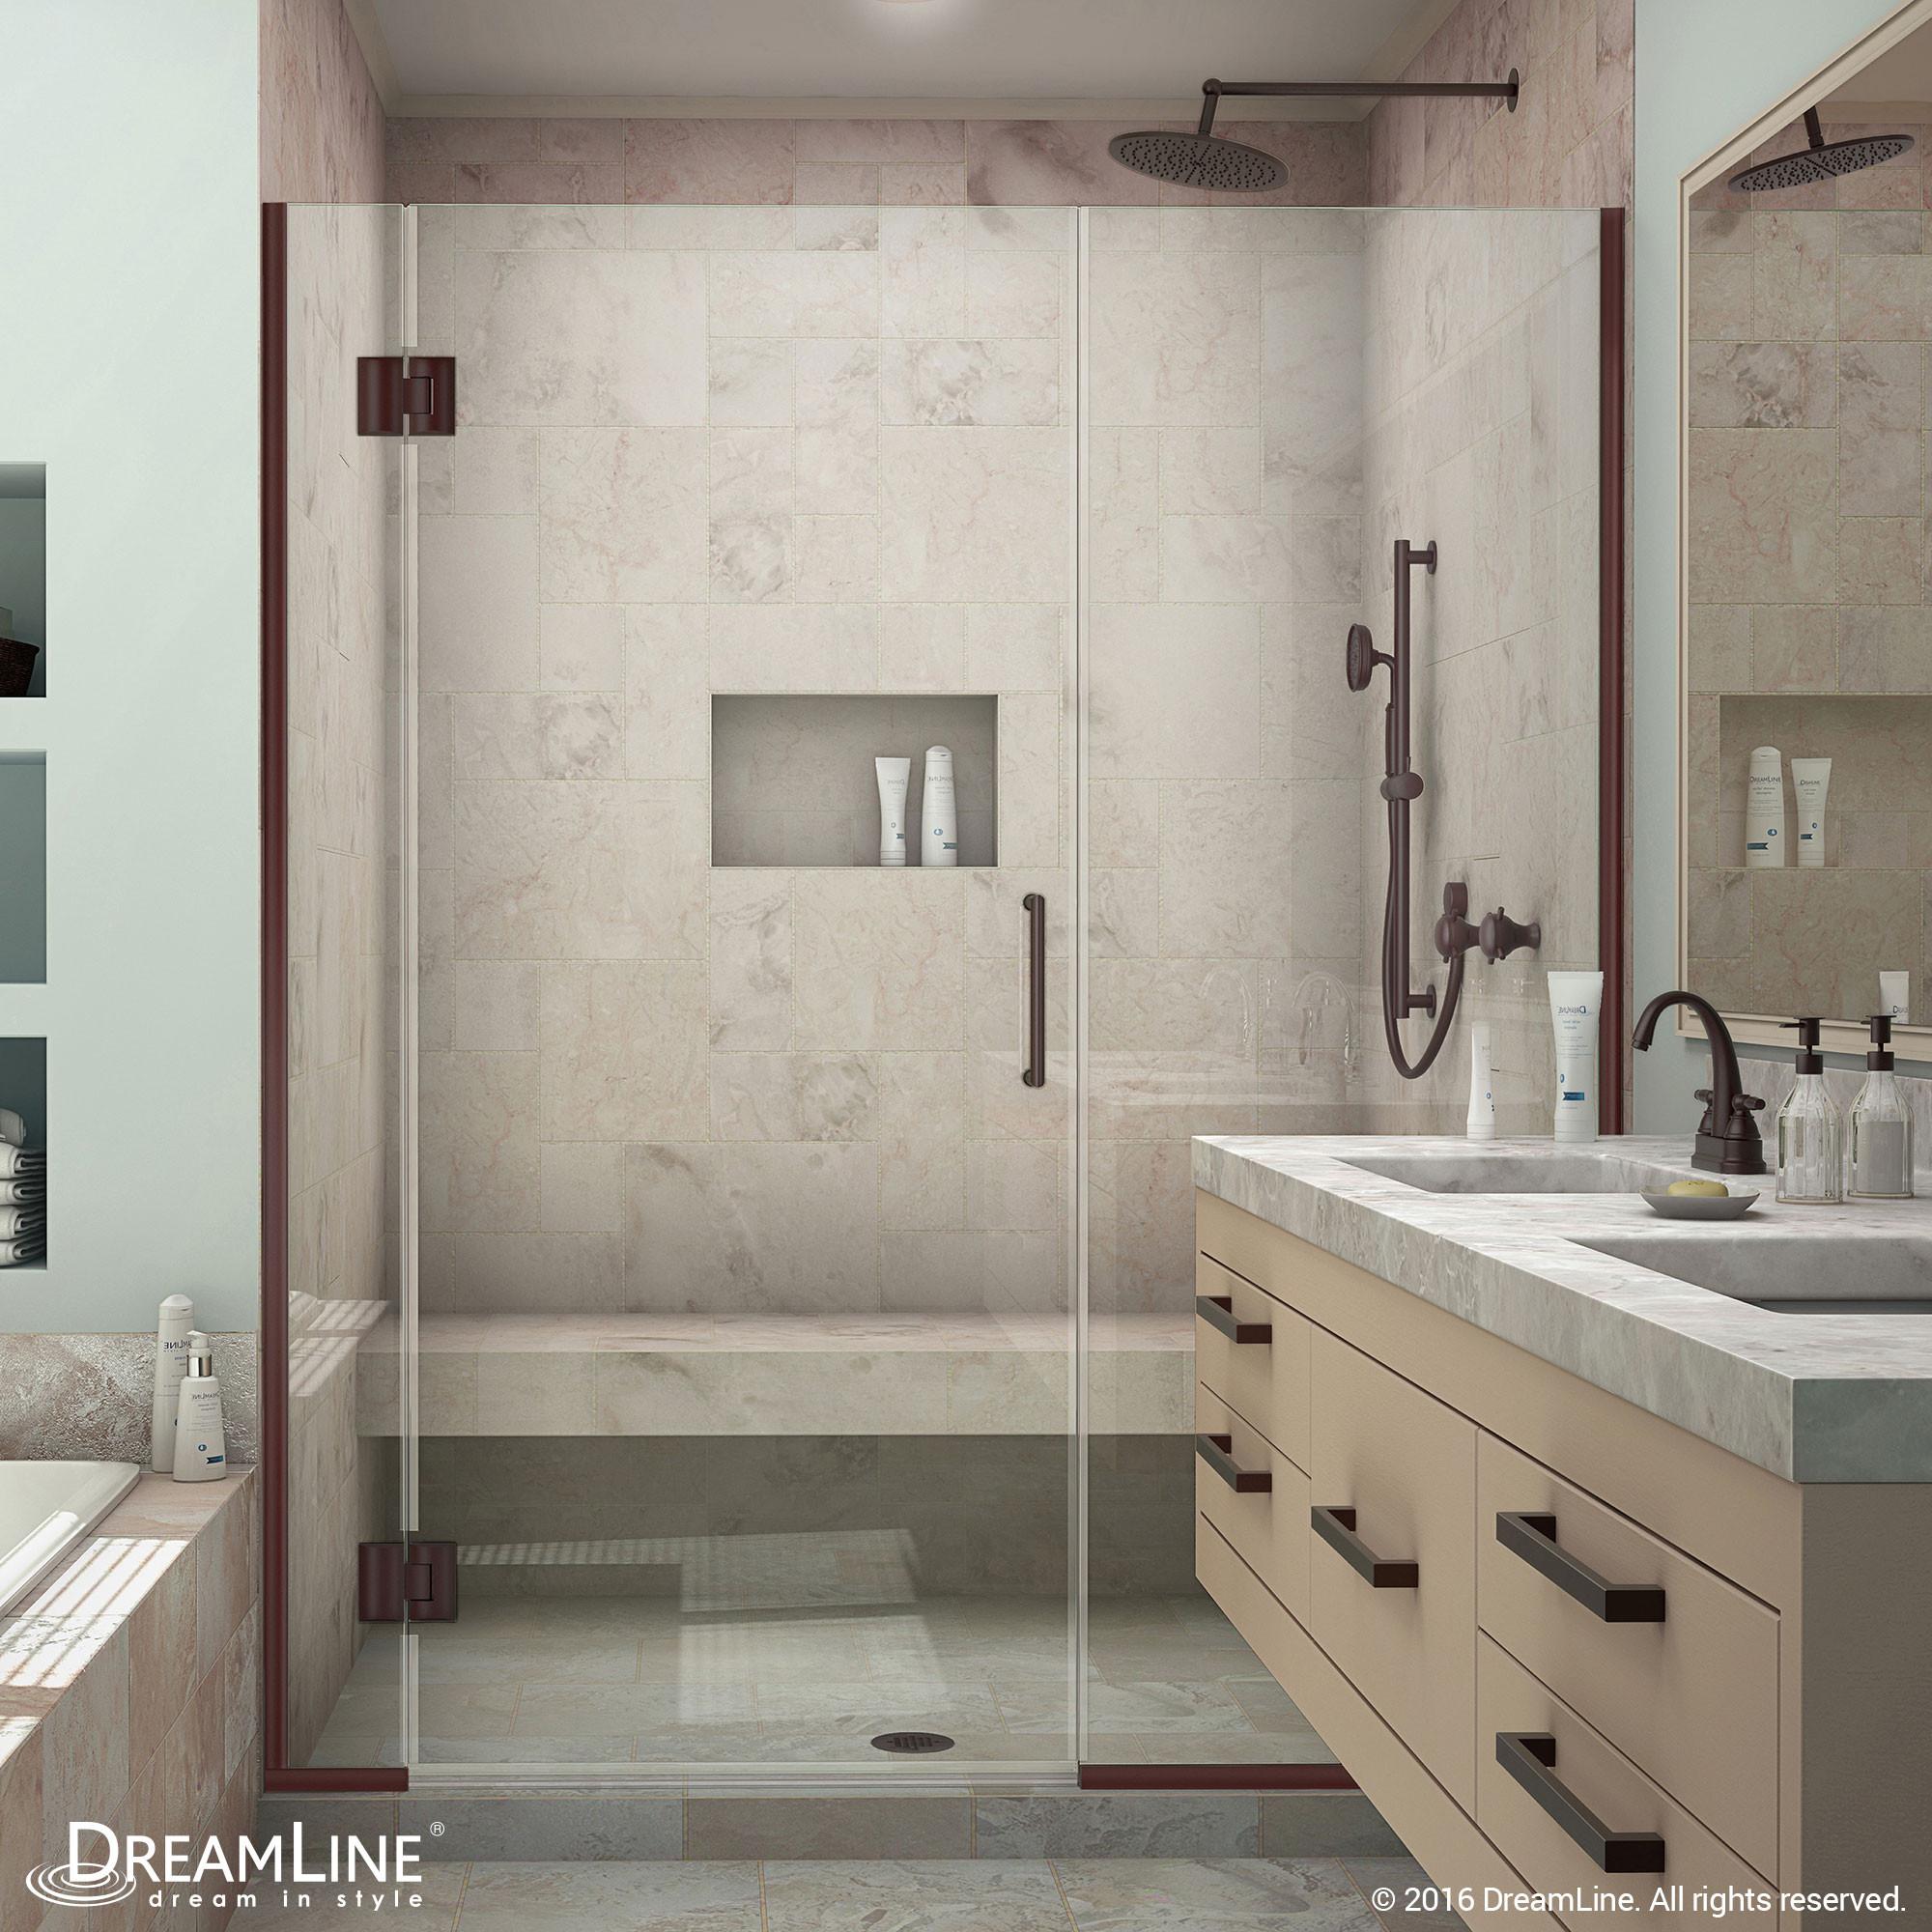 DreamLine D12314572-06 Oil Rubbed Bronze Unidoor-X 43 1/2 - 44 in. W x 72 in. H Hinged Shower Door